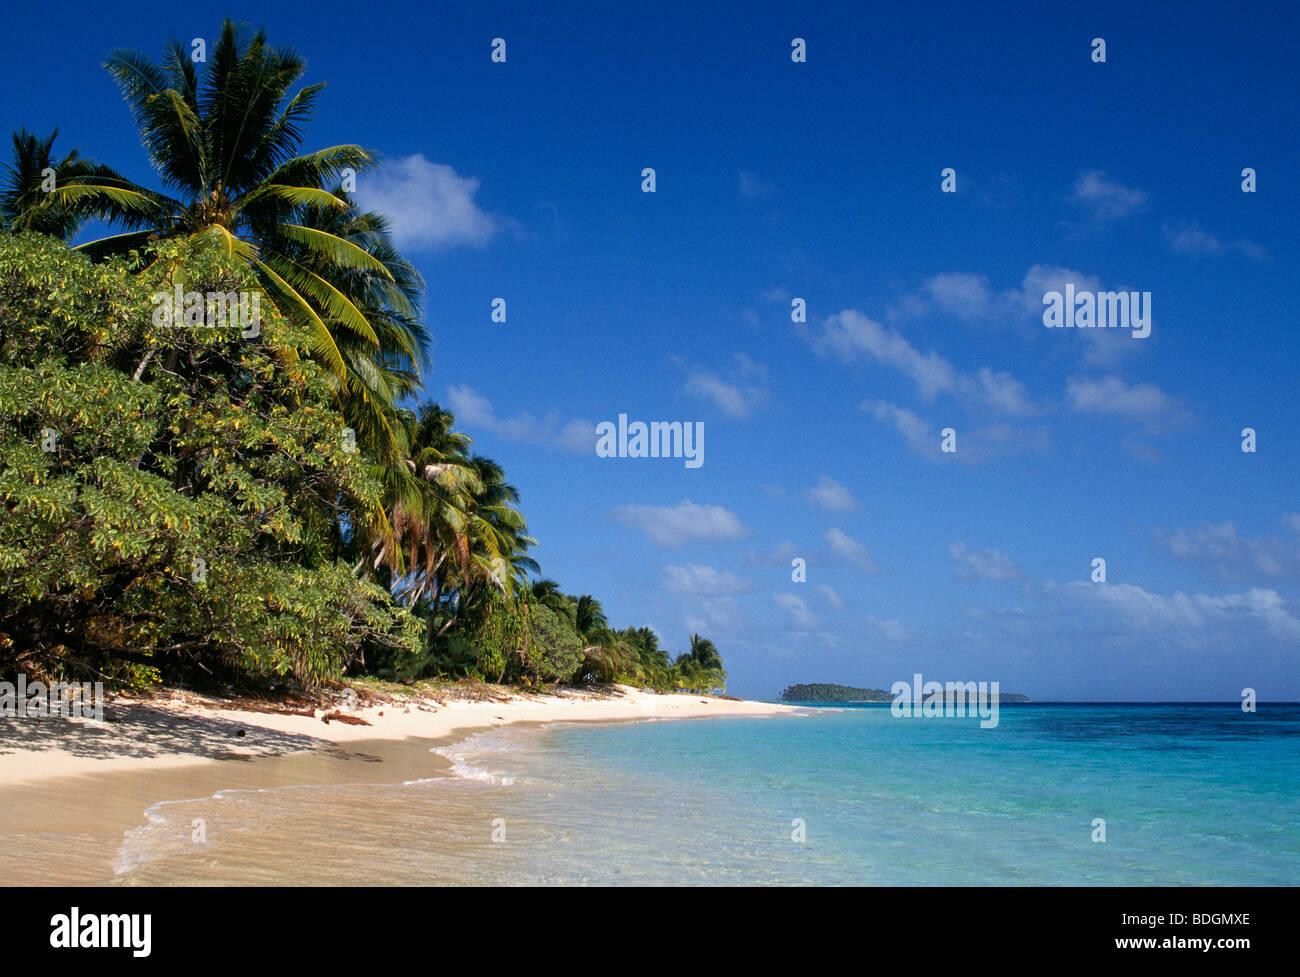 marshallinseln mikronesien strand und palmen b ume auf calalin insel ein picknick auf. Black Bedroom Furniture Sets. Home Design Ideas